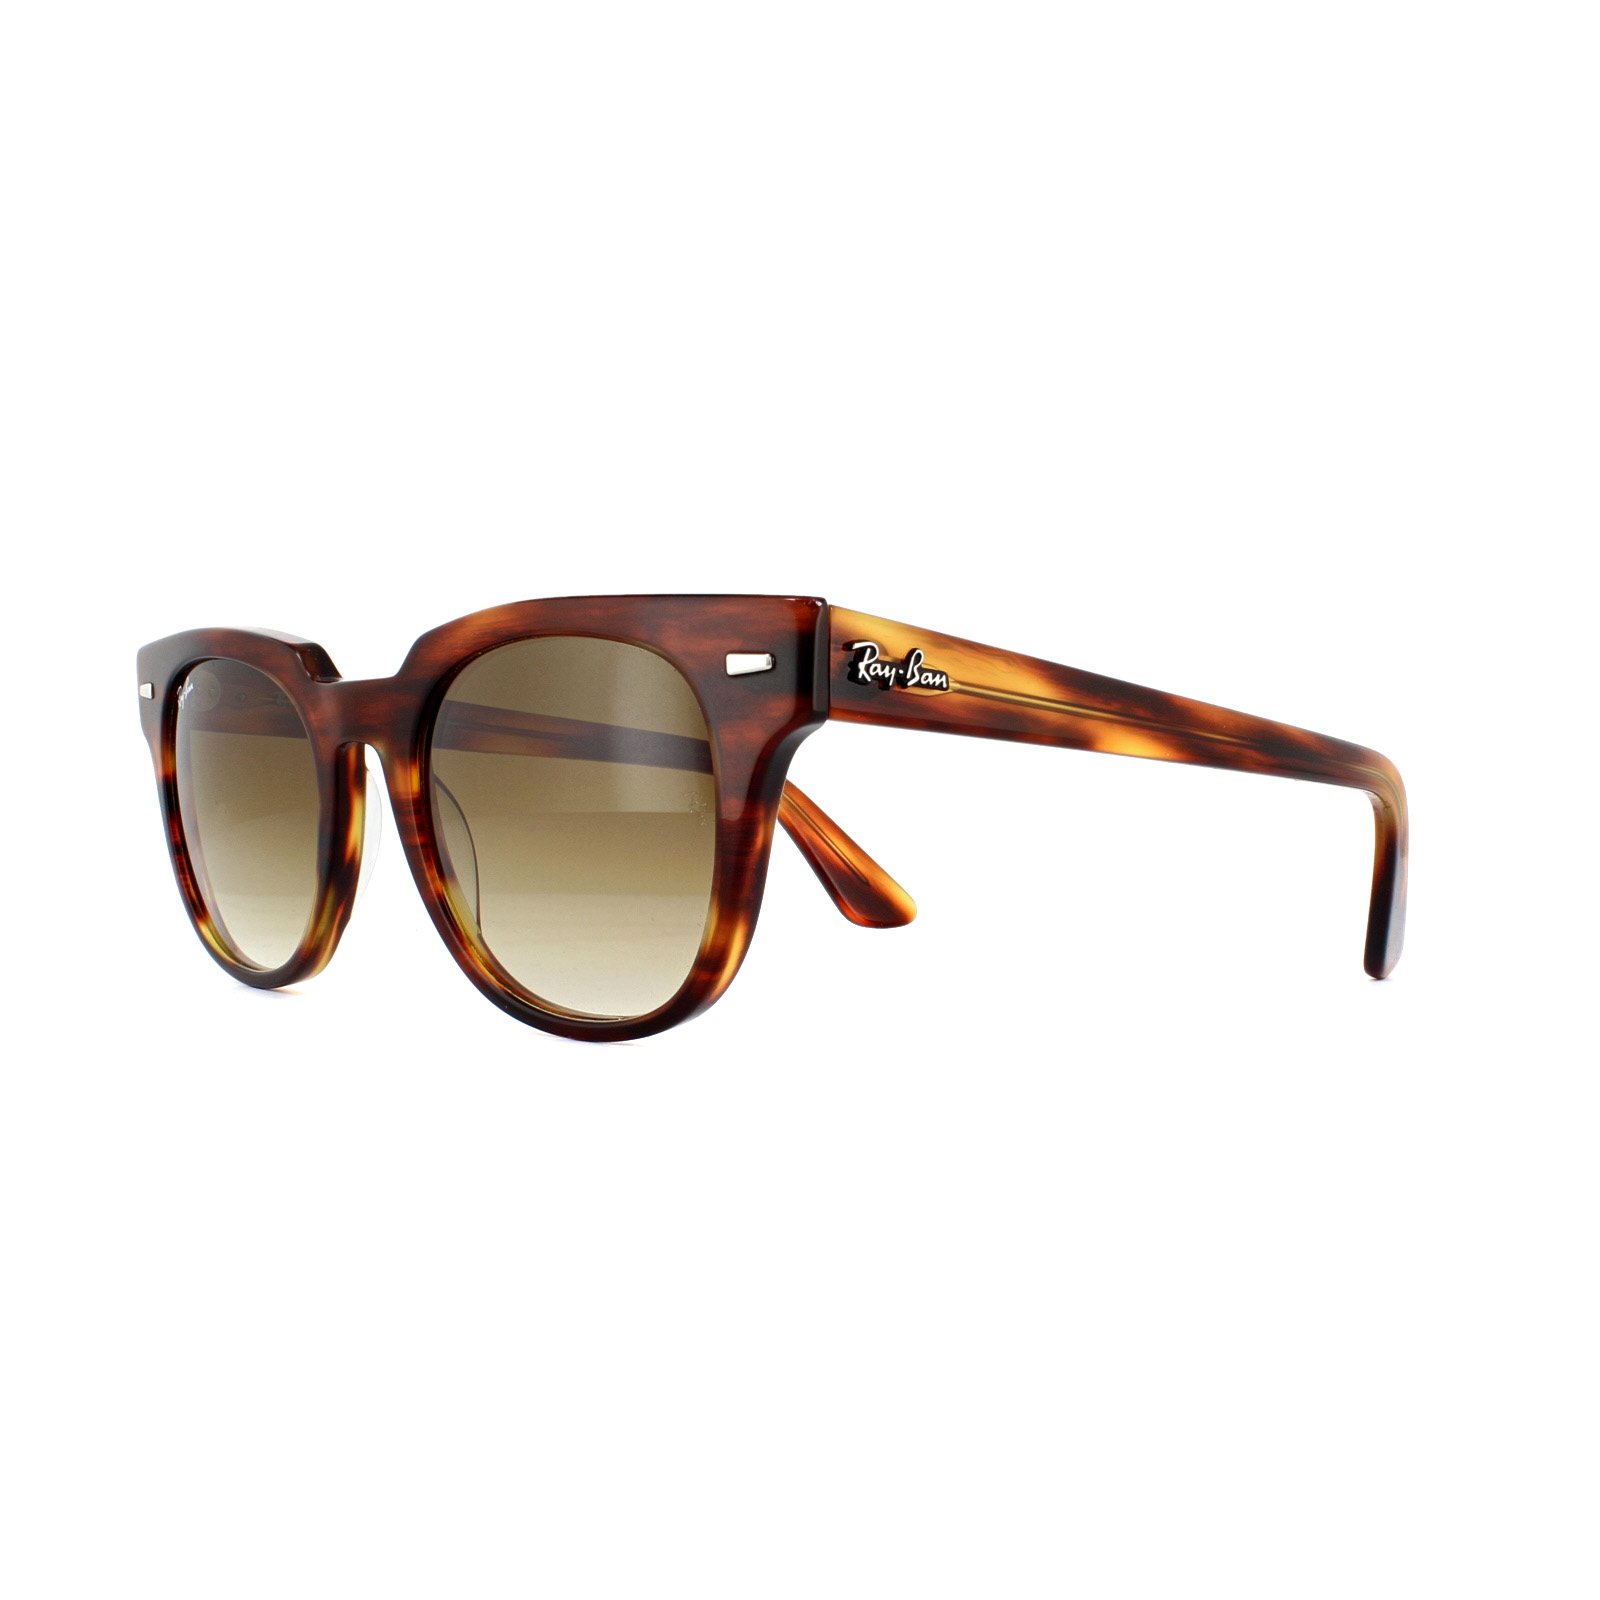 b74ee39647b Ray-Ban Sunglasses RB2168 954 51 Tortoiseshell Brown 8053672994681 ...